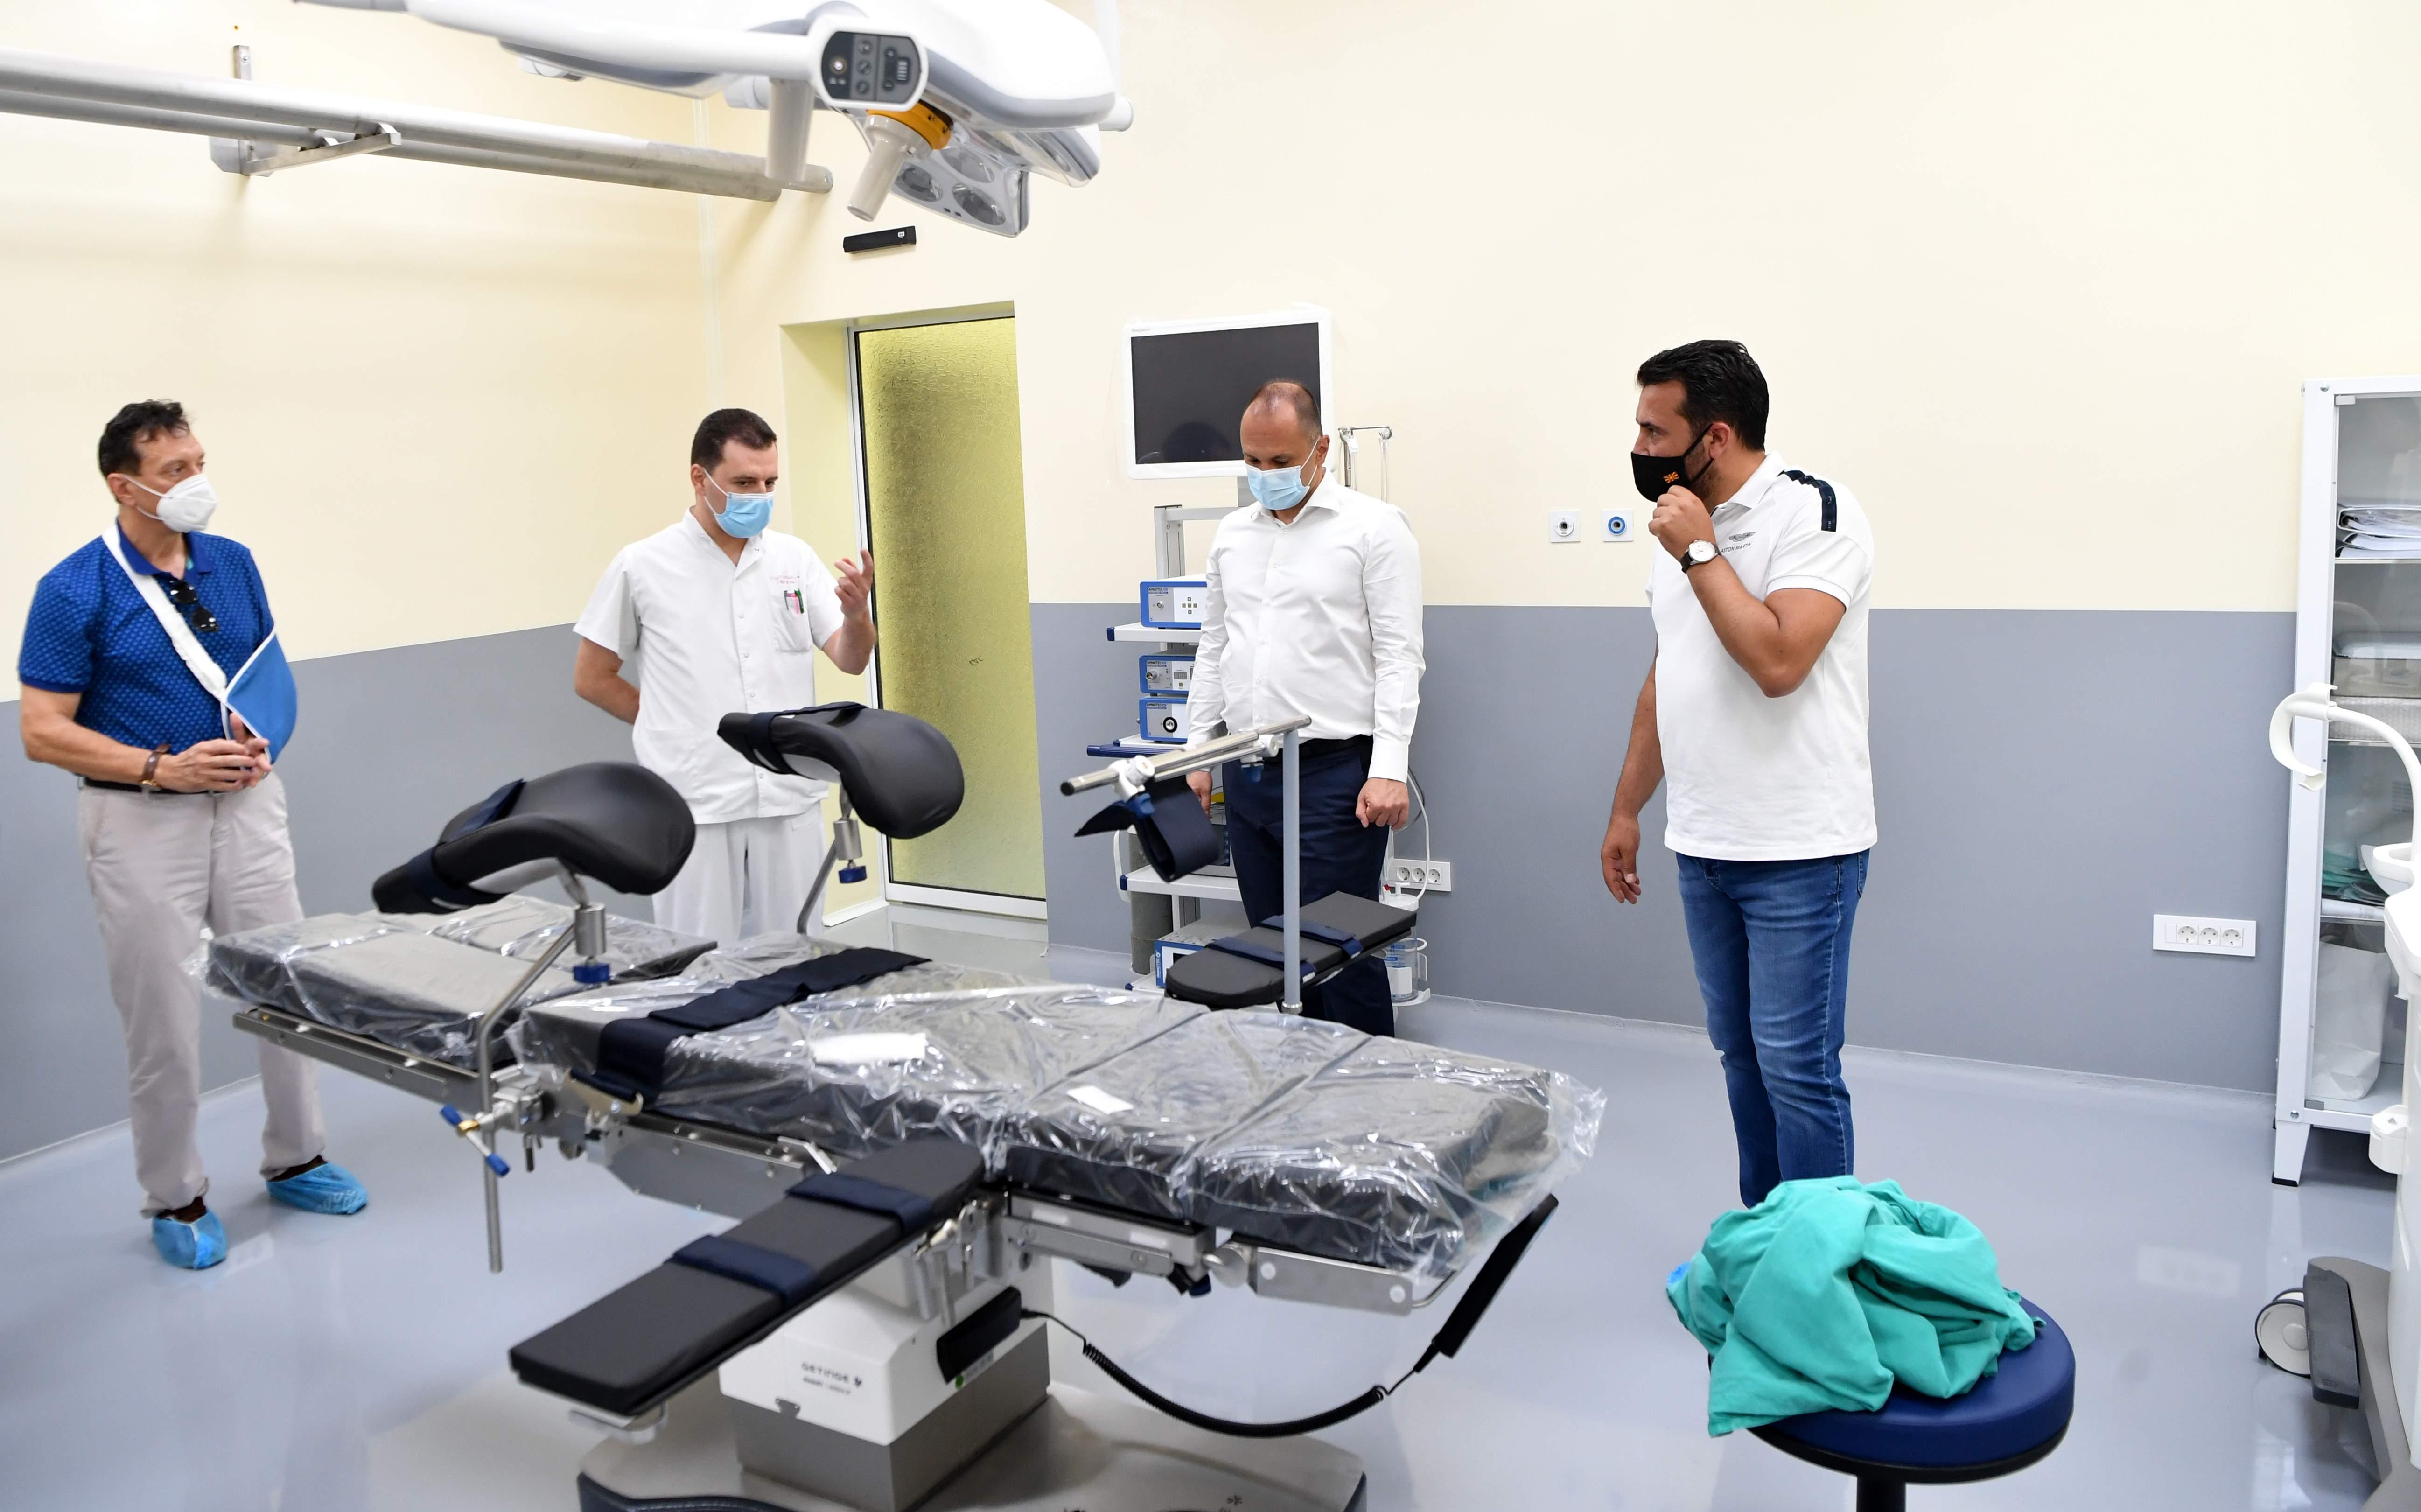 Болницата во Гевгелија доби нова хируршка сала, реновирани одделенија со опрема а наскоро и компјутерска томографија